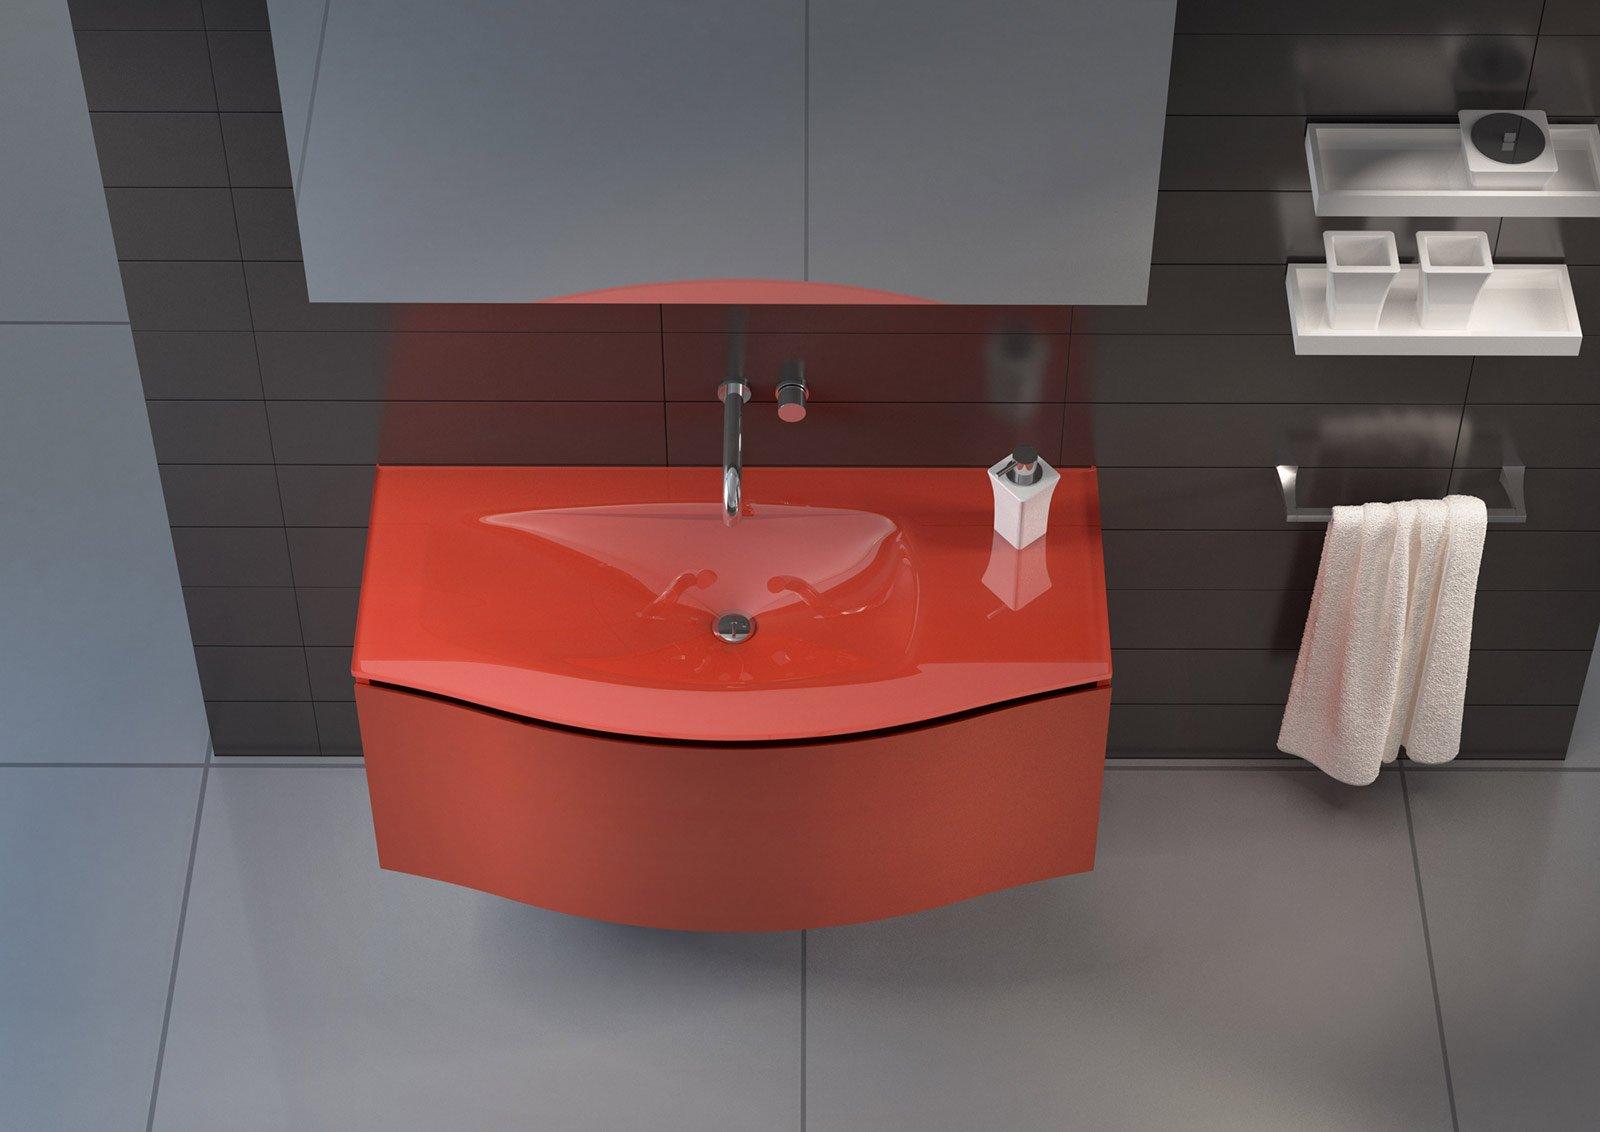 Lavandino Bagno In Vetro Colorato.Lavabi Sospesi E Da Appoggio Foto Dimensioni Materiali Cose Di Casa